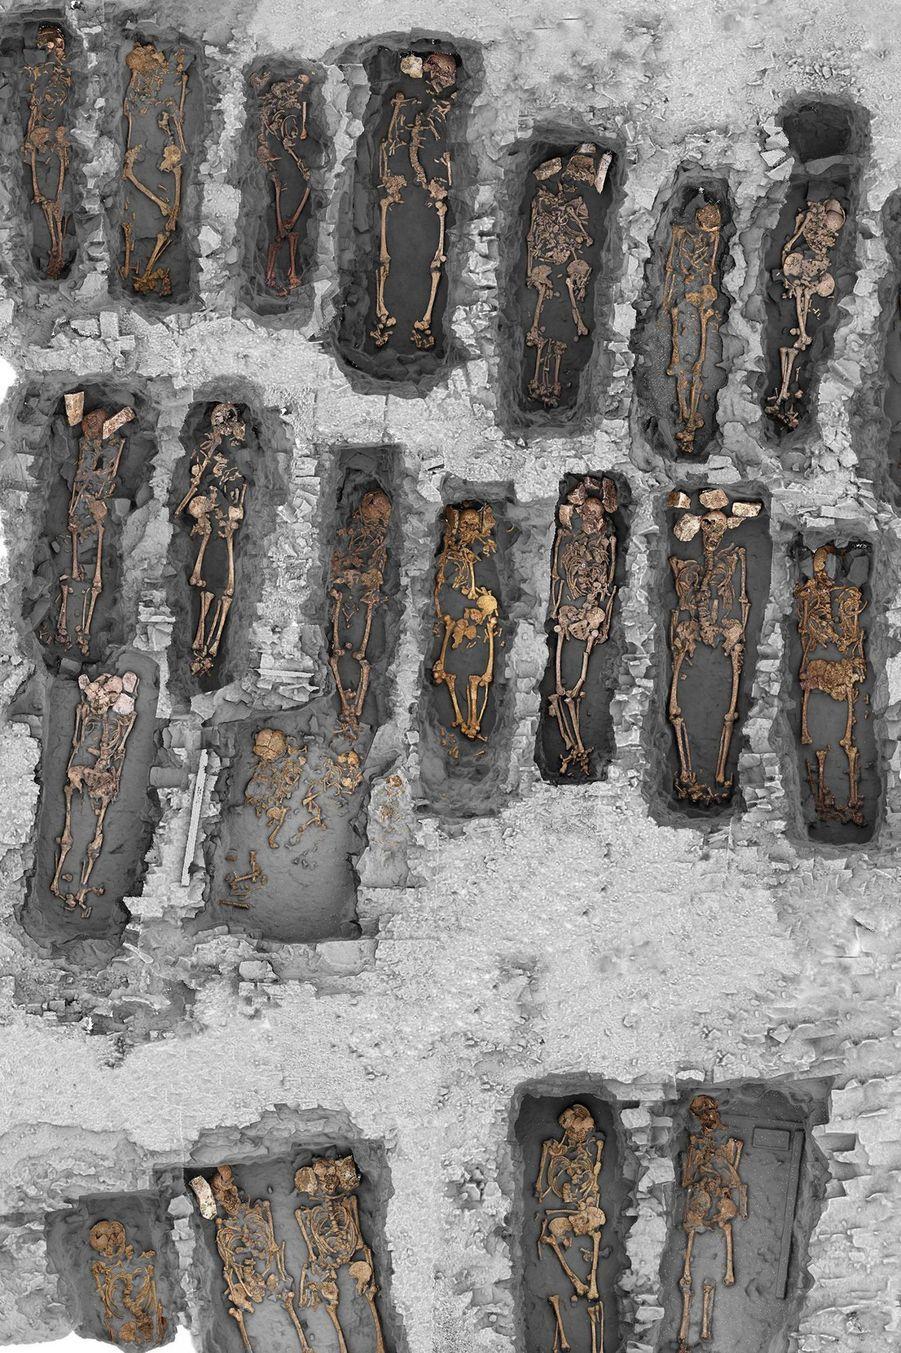 Les tombes ouest-est sont disposées dans des rangées orientées nord-sud. Un espace de circulation interne au cimetière est perceptible dans la partie basse de la photo. Les recoupements entre fosses sont rares et ne portent jamais atteinte aux ossements. Cette organisation des tombes démontre la gestion rigoureuse et la rationalisation extrême de l'espace funéraire qui ne peut être obtenue que par une signalisation de surface pérenne.